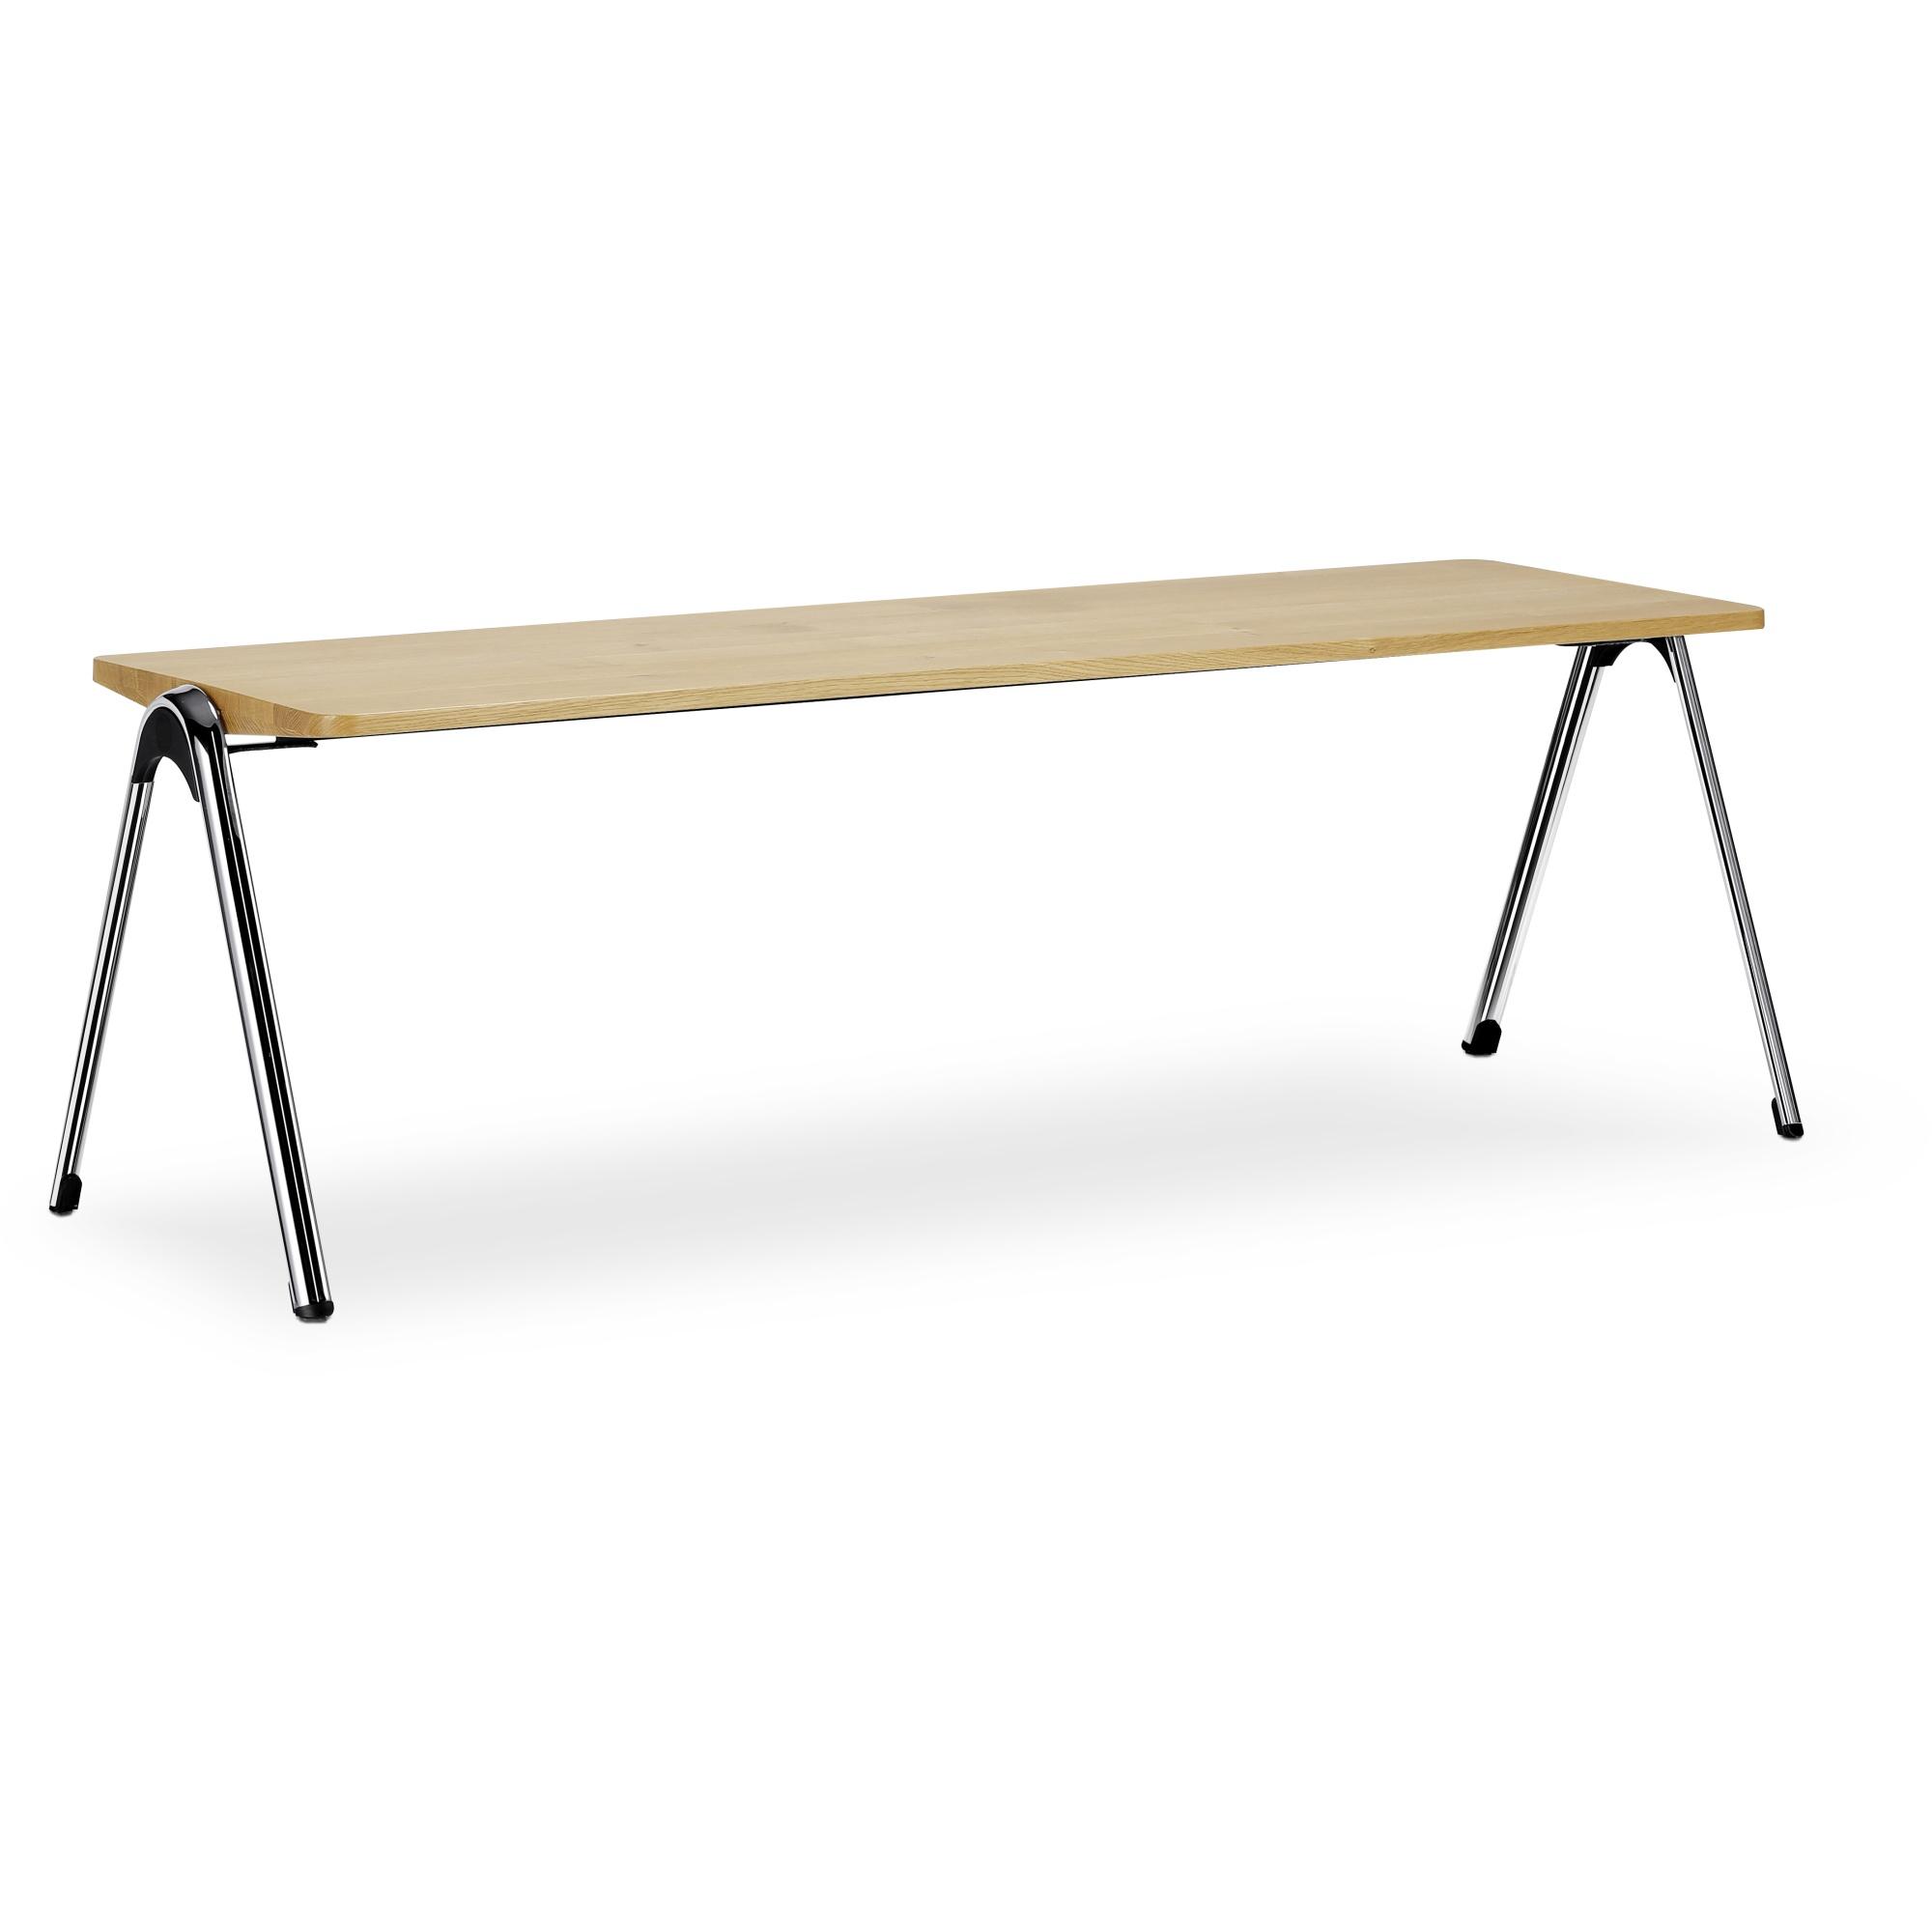 interstuhl vlegsis3 sitzbank 110 x 45 cm online shop f r b rom bel accessoires. Black Bedroom Furniture Sets. Home Design Ideas